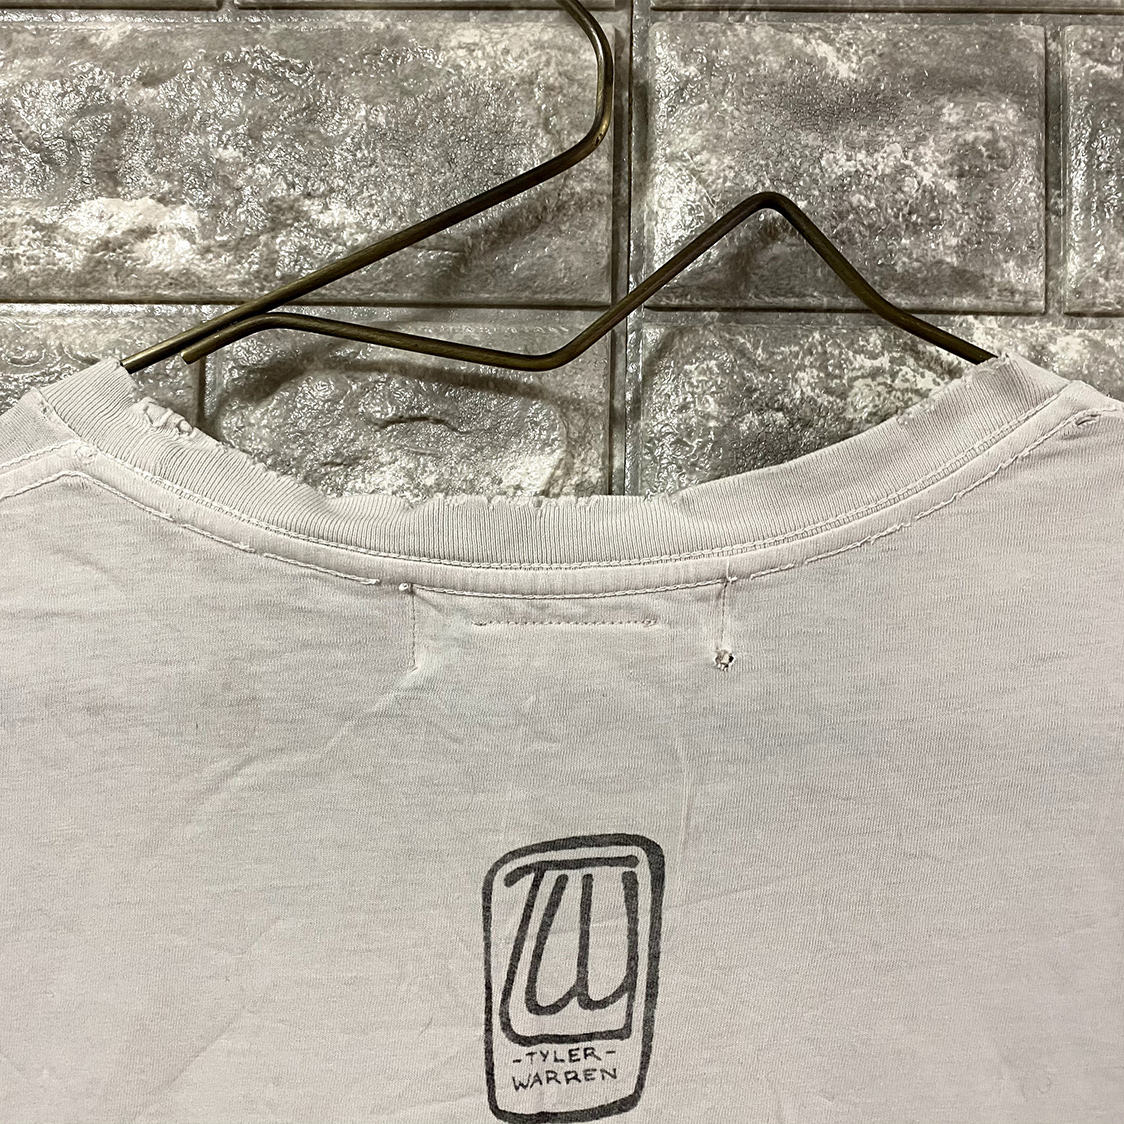 REMI RELIEF レミレリーフ 【Sサイズ】 スカル クラッシュ加工 ダメージ加工 Tシャツ カットソー 半袖 ホワイト